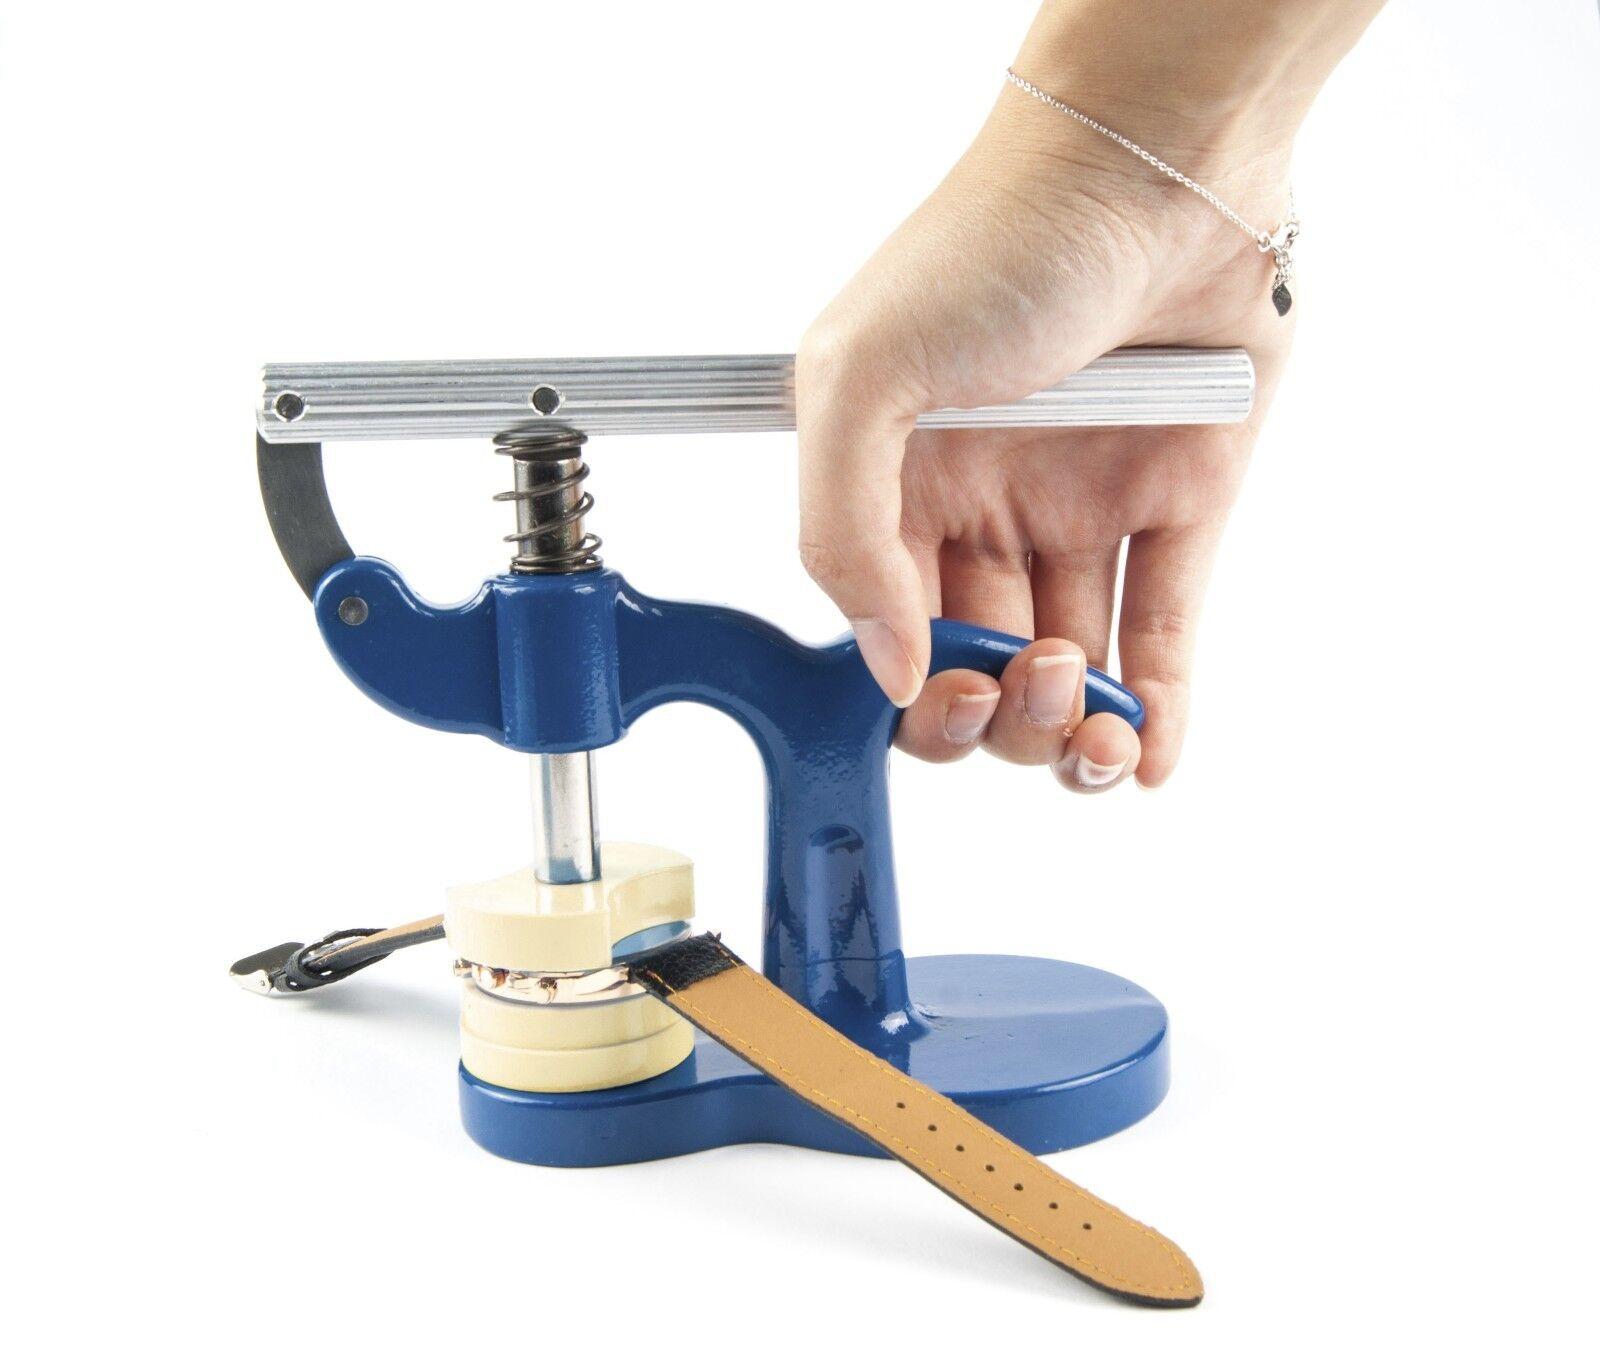 Einpresswerkzeug Gehäuseschließer Uhrendeckelpresse Uhrenschließer Uhrenwerkzeug